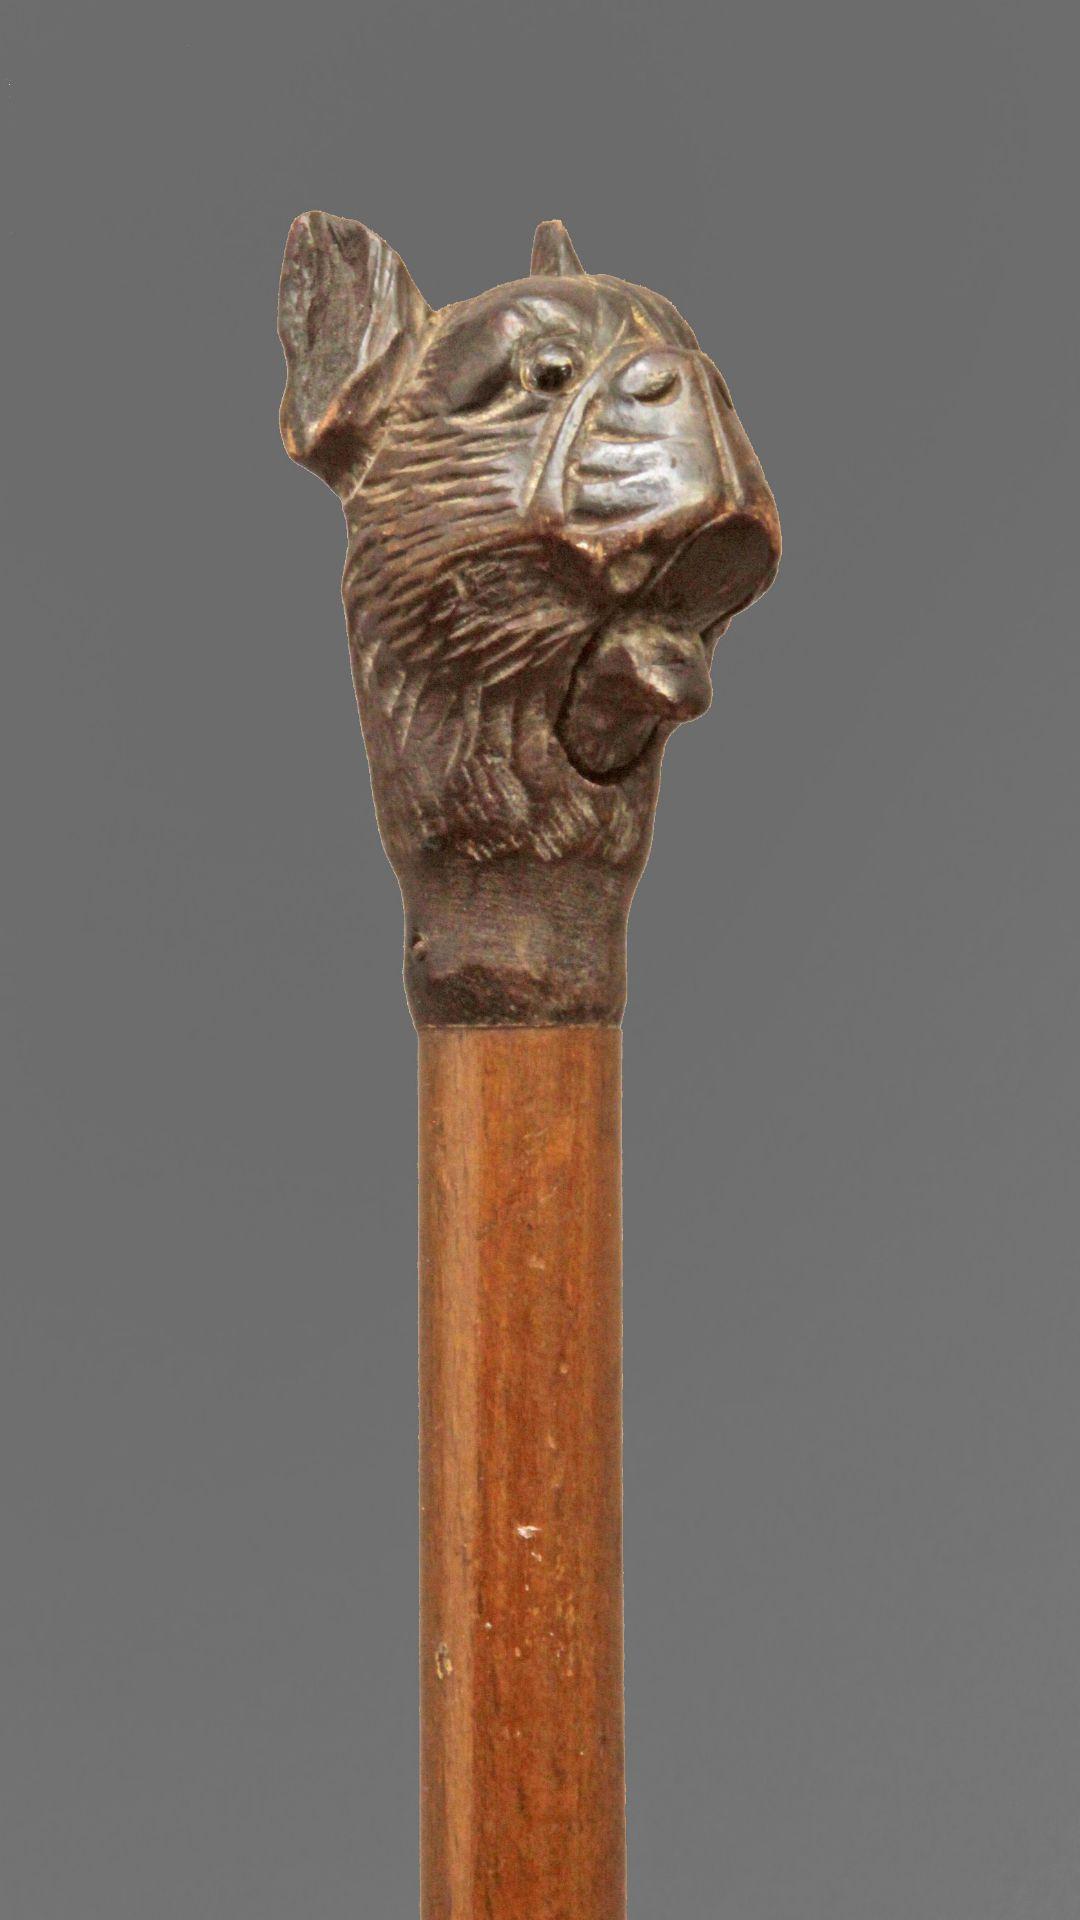 A 19th century walking stick - Bild 4 aus 4